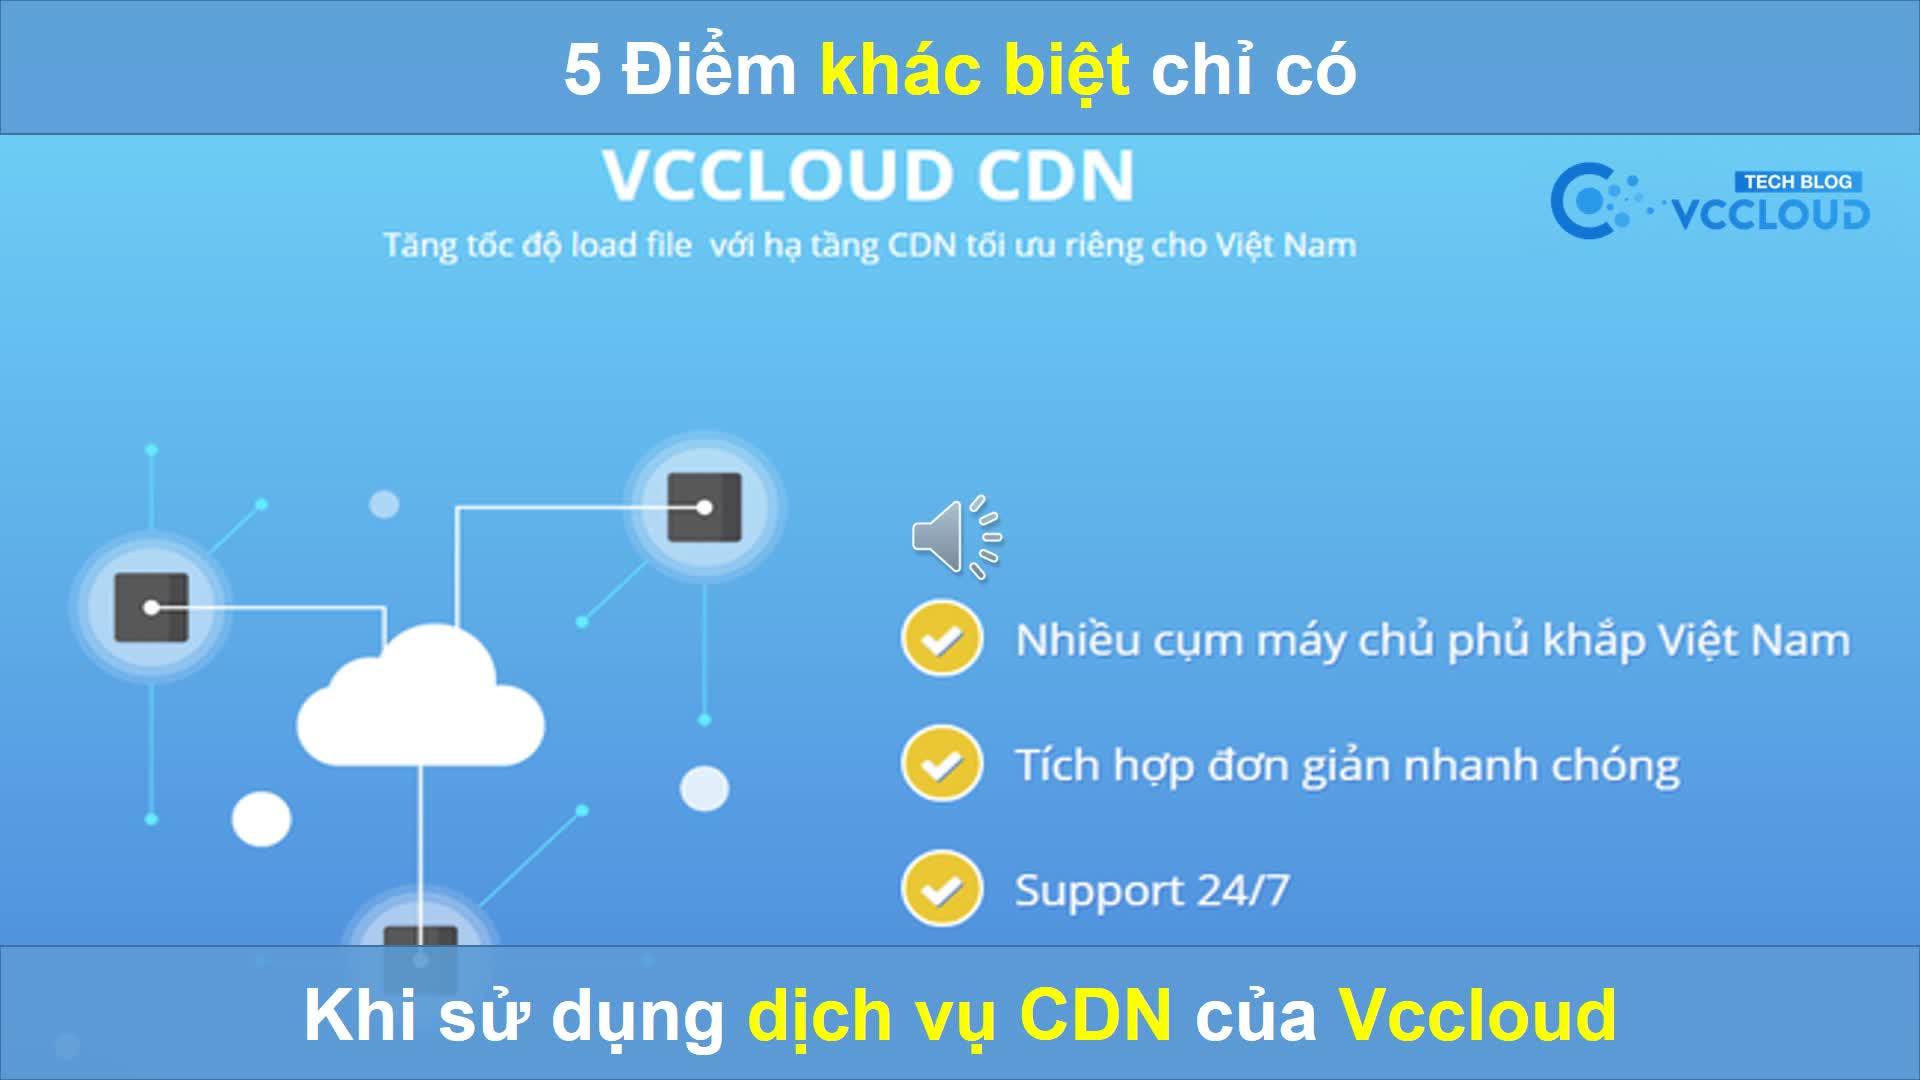 [Mutex video] 5 Điểm khác biệt chỉ có khi sử dụng dịch vụ CDN của VCCloud